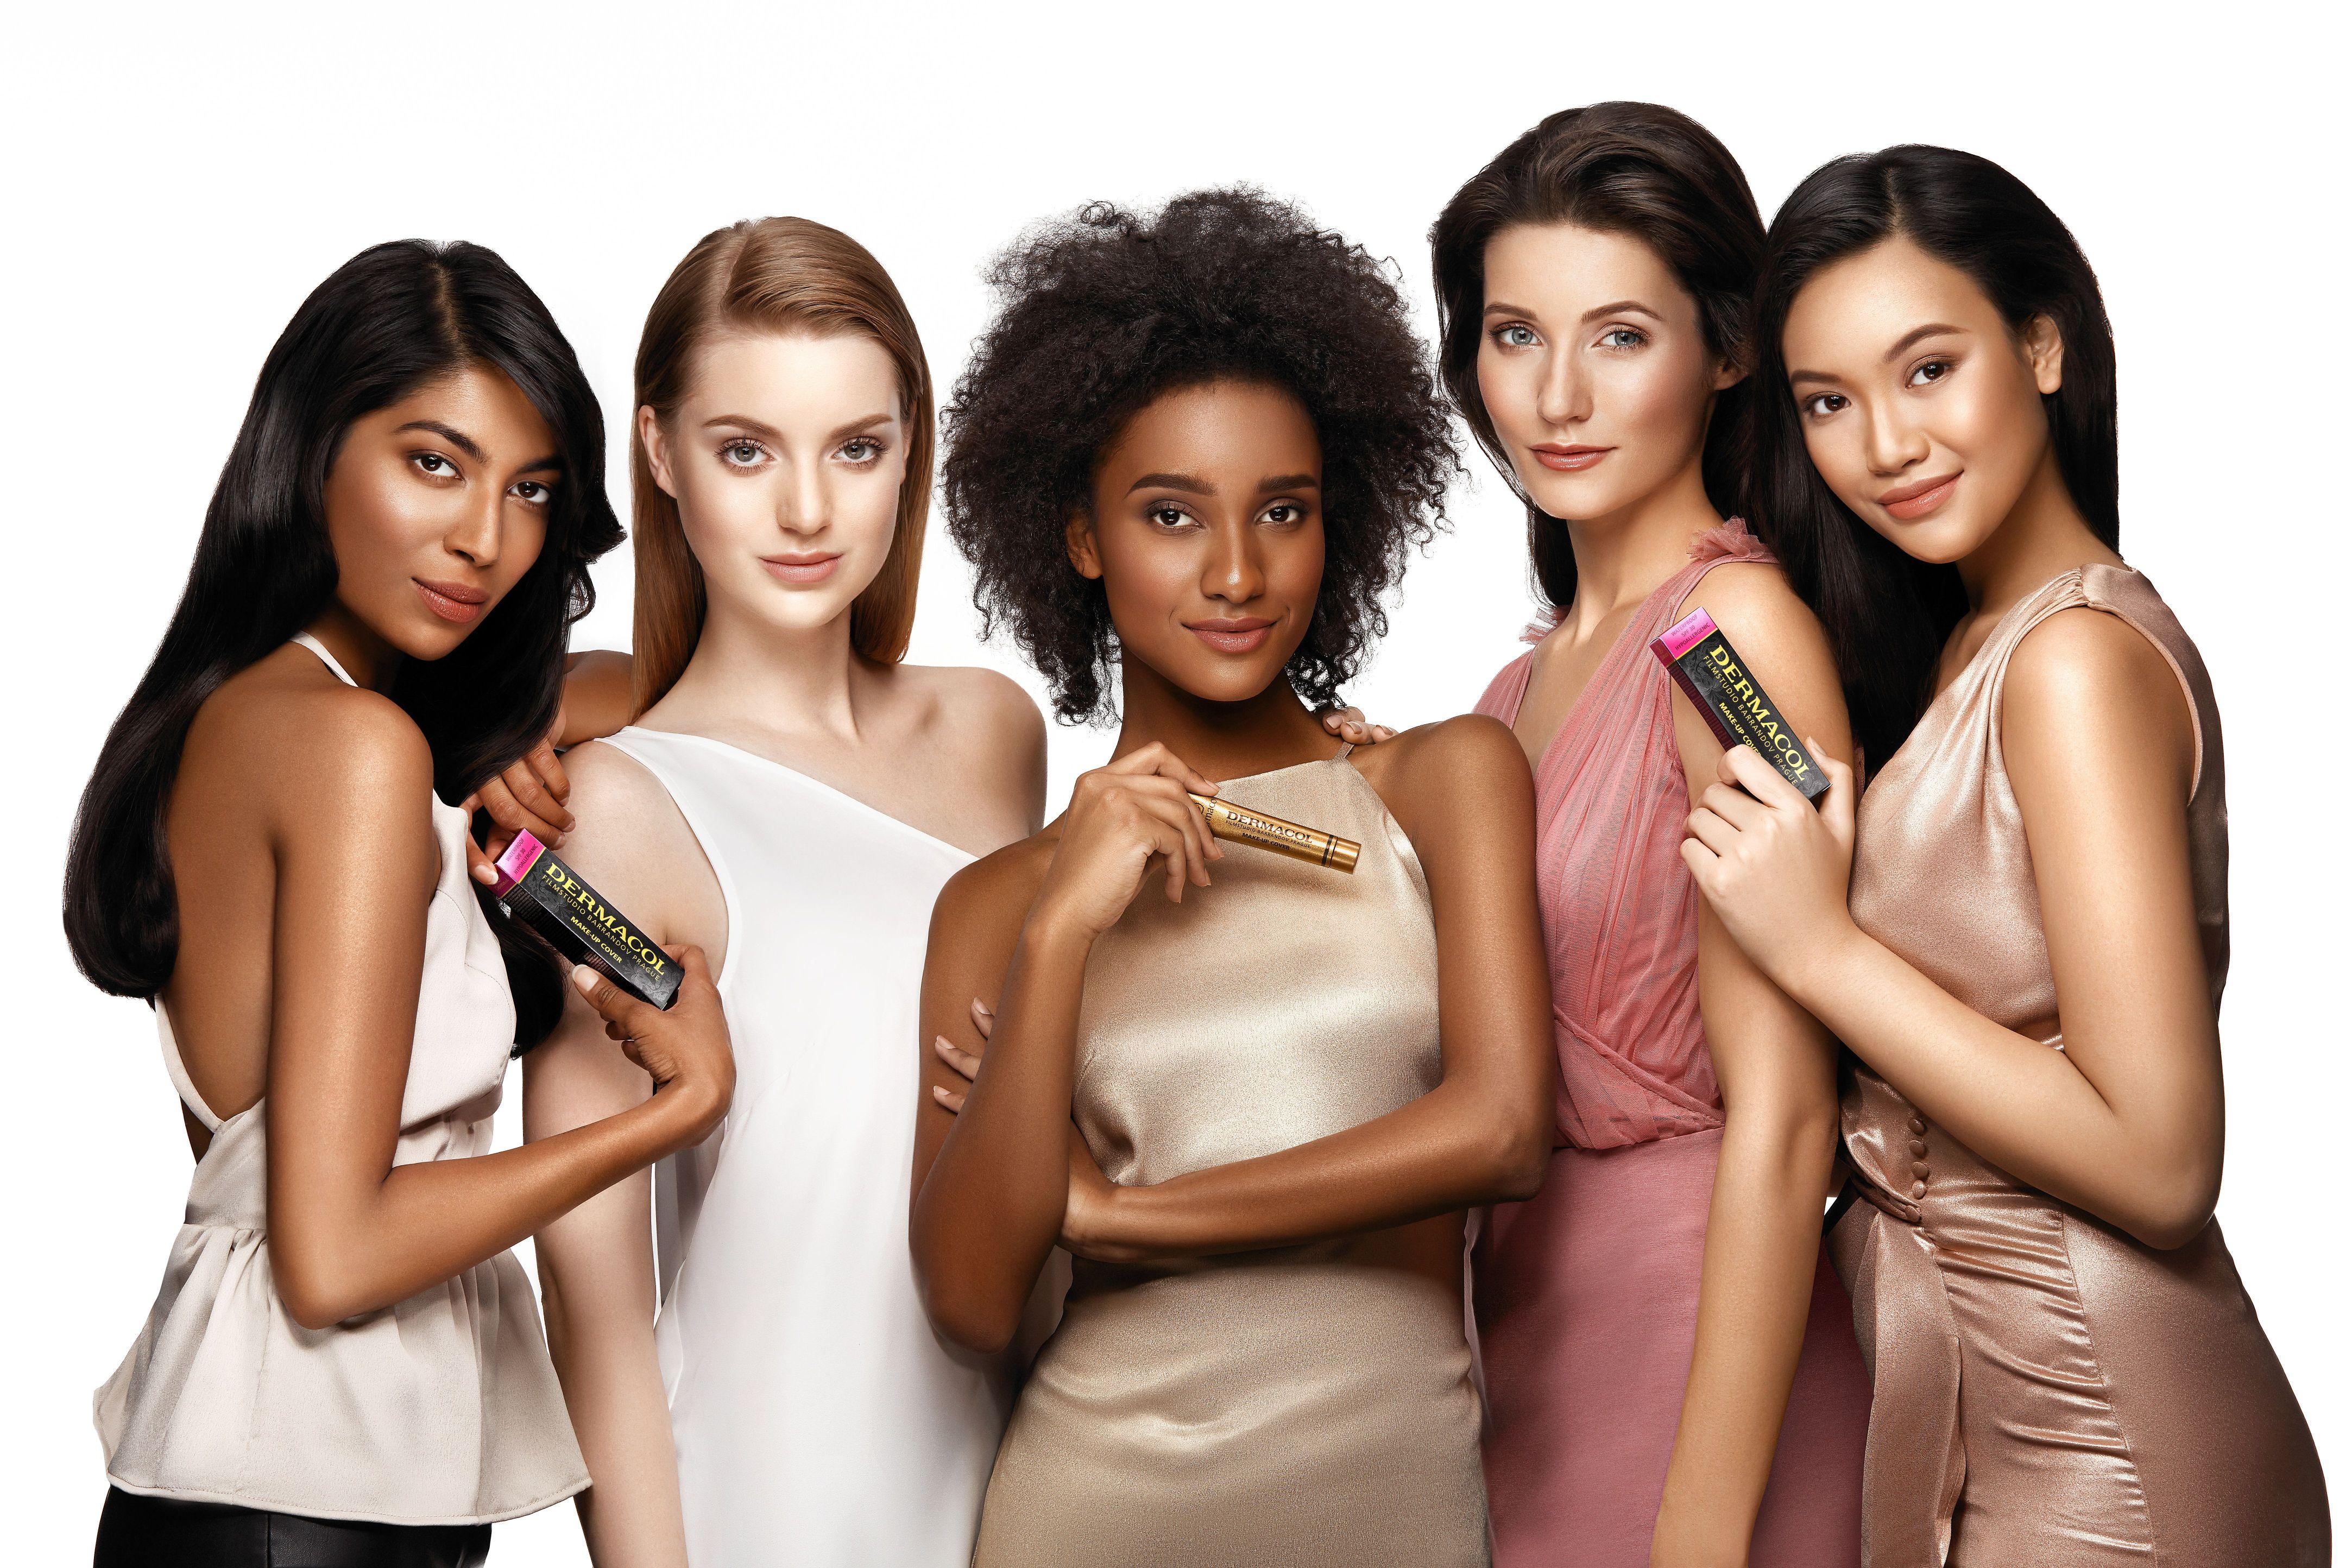 10_Make-upy i další kosmetiku dnes značka Dermacol vyváží do 70 zemí světa_foto Dermacol_repro zdarma